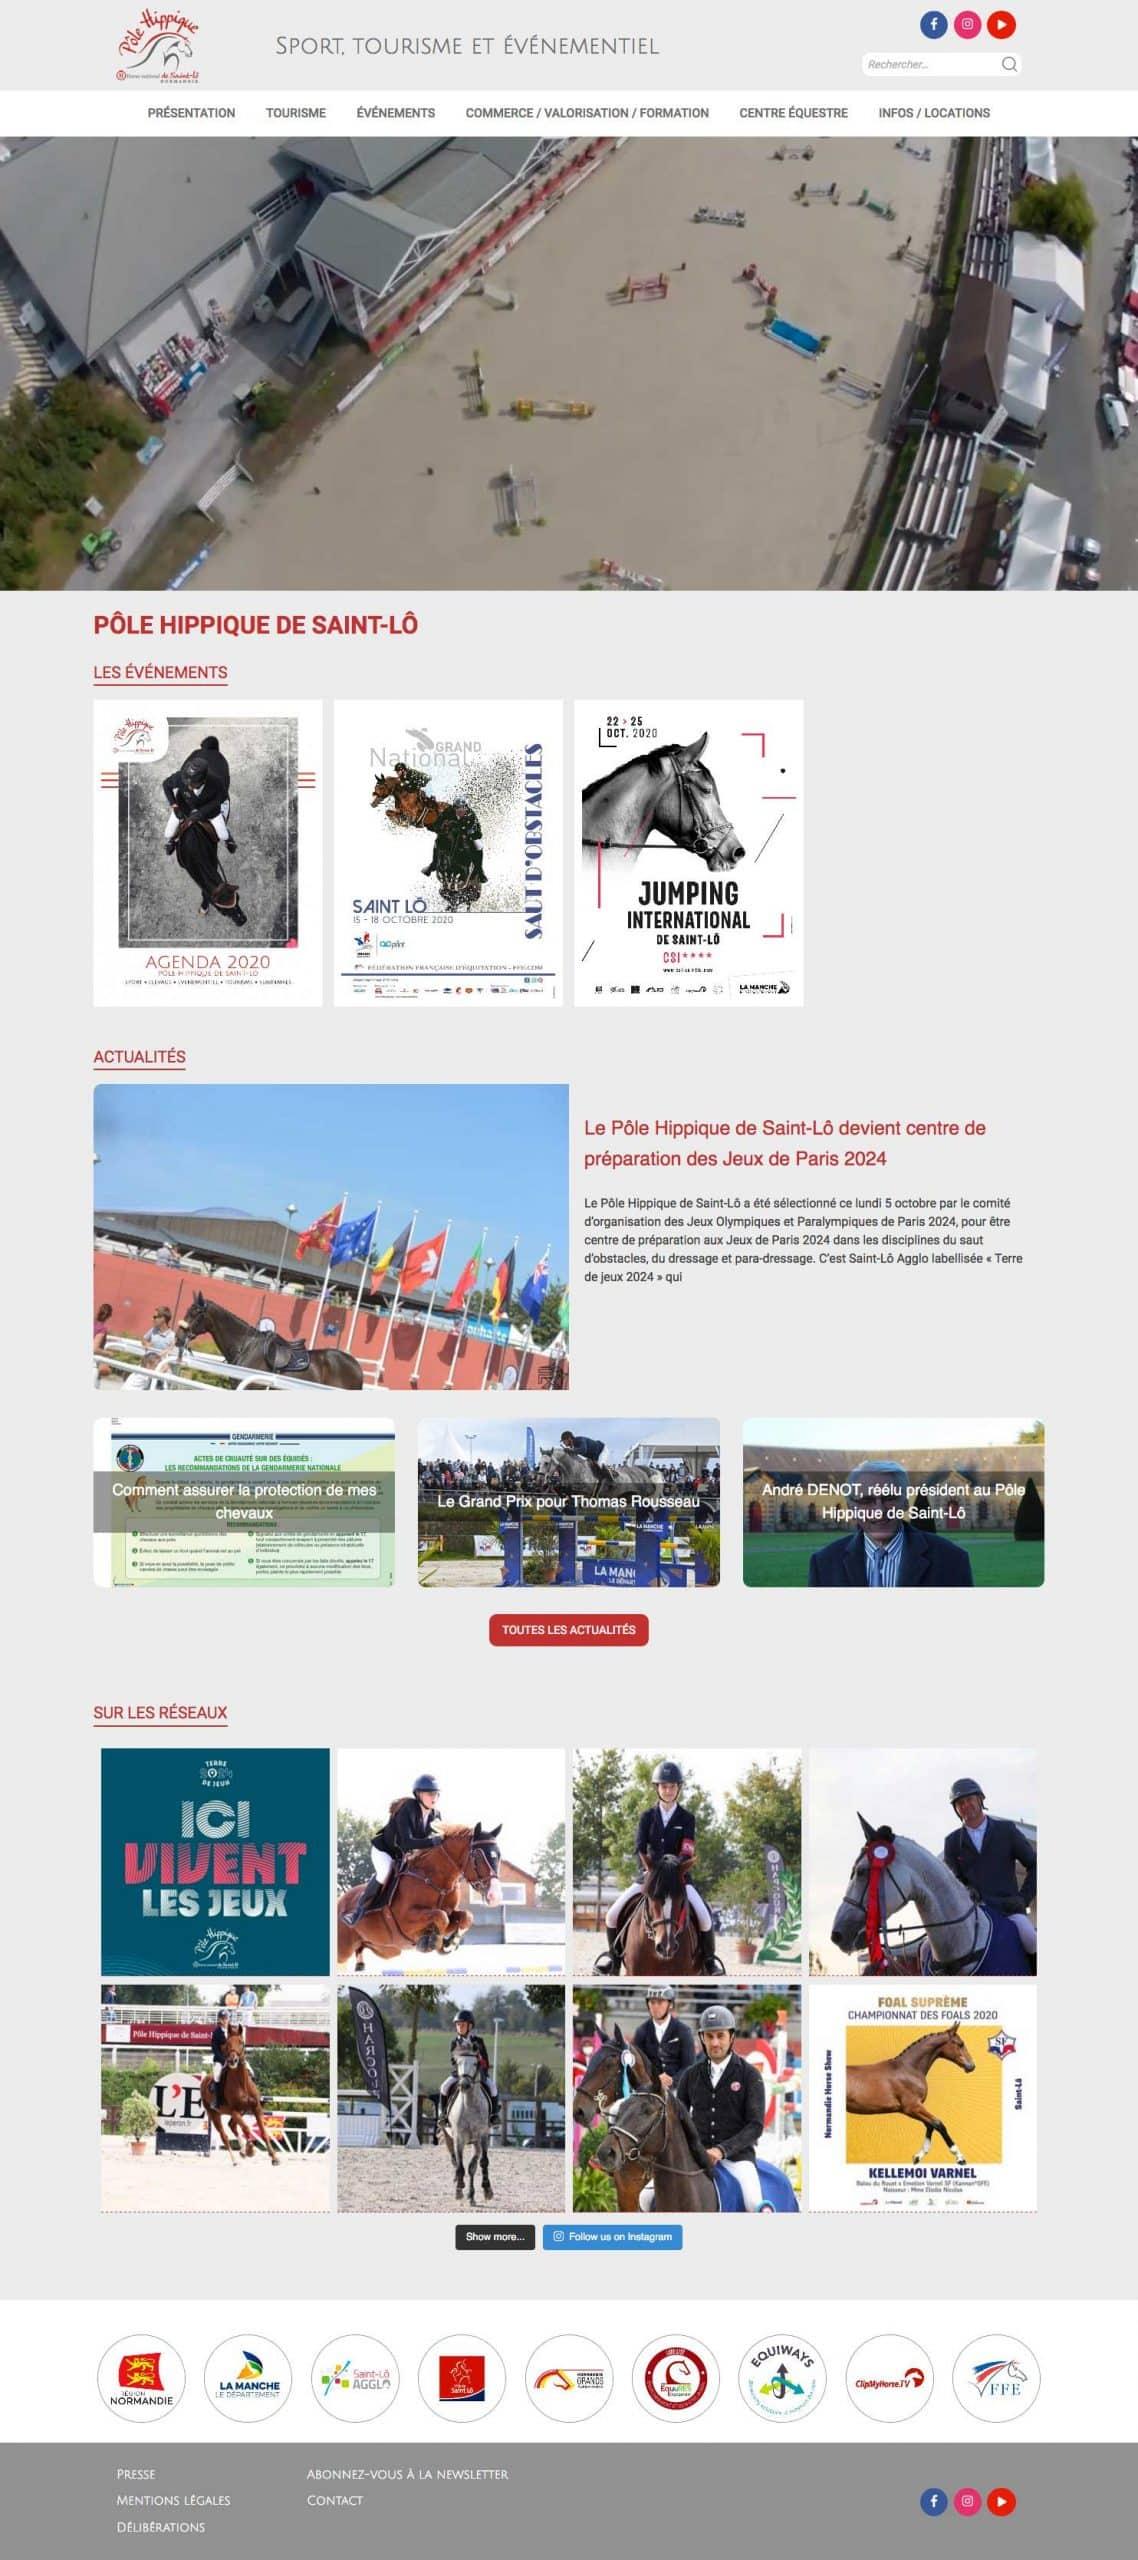 Aperçu du site internet Pôle Hippique de Saint-Lô